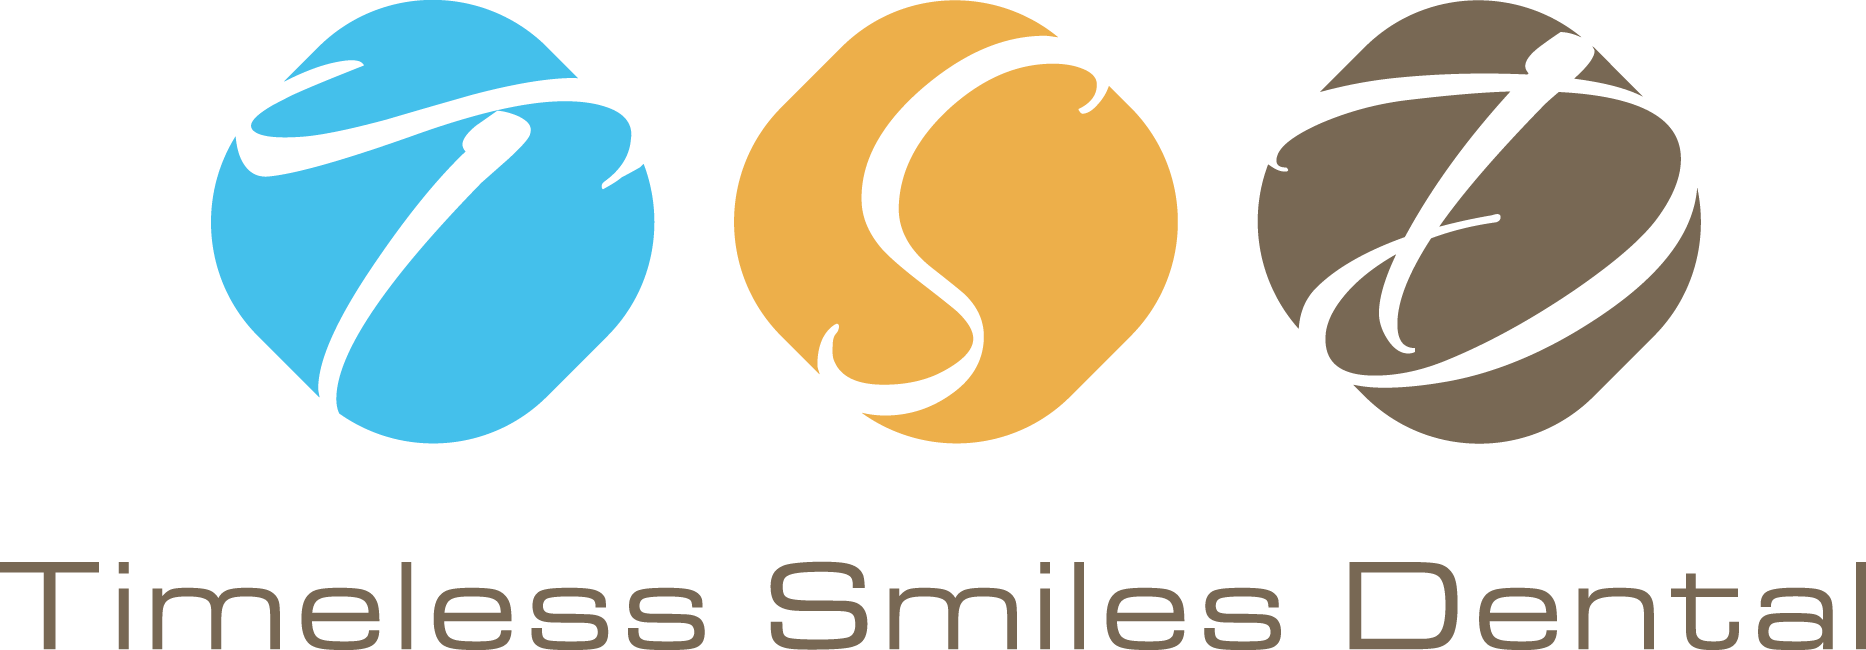 logo for Timeless Smiles Dental Dentists